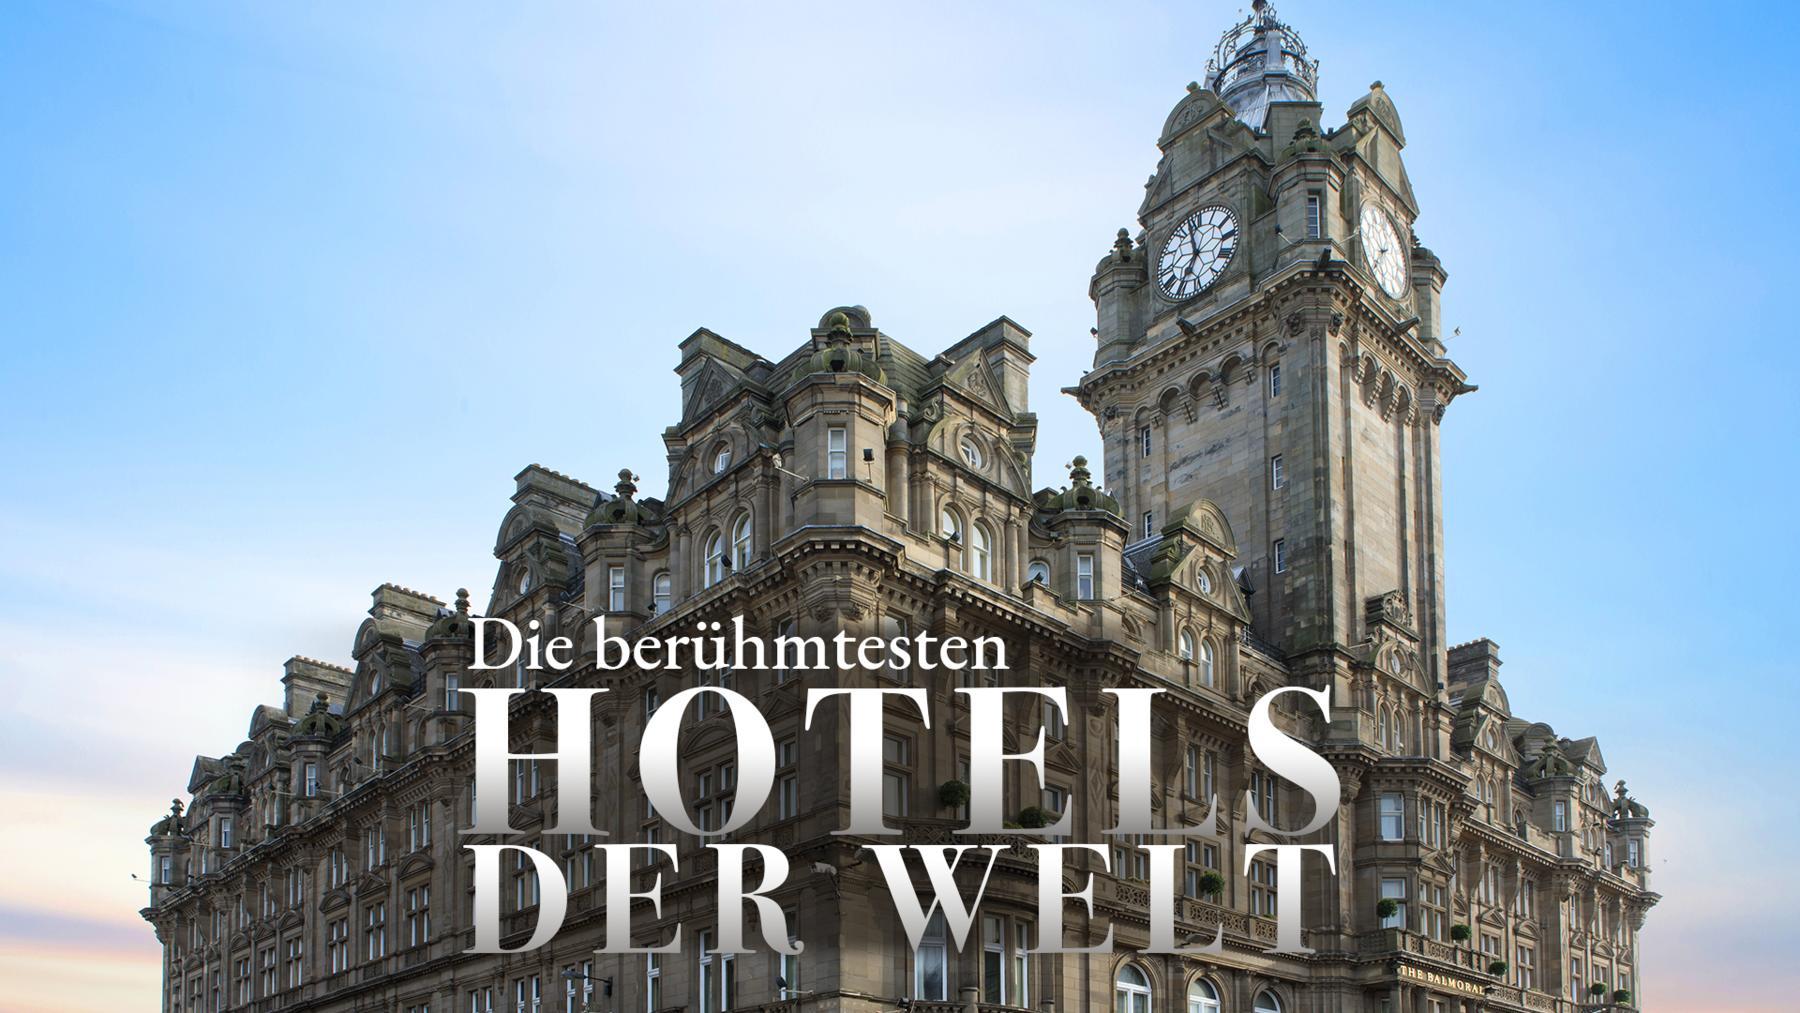 Die berühmtesten Hotels der Welt